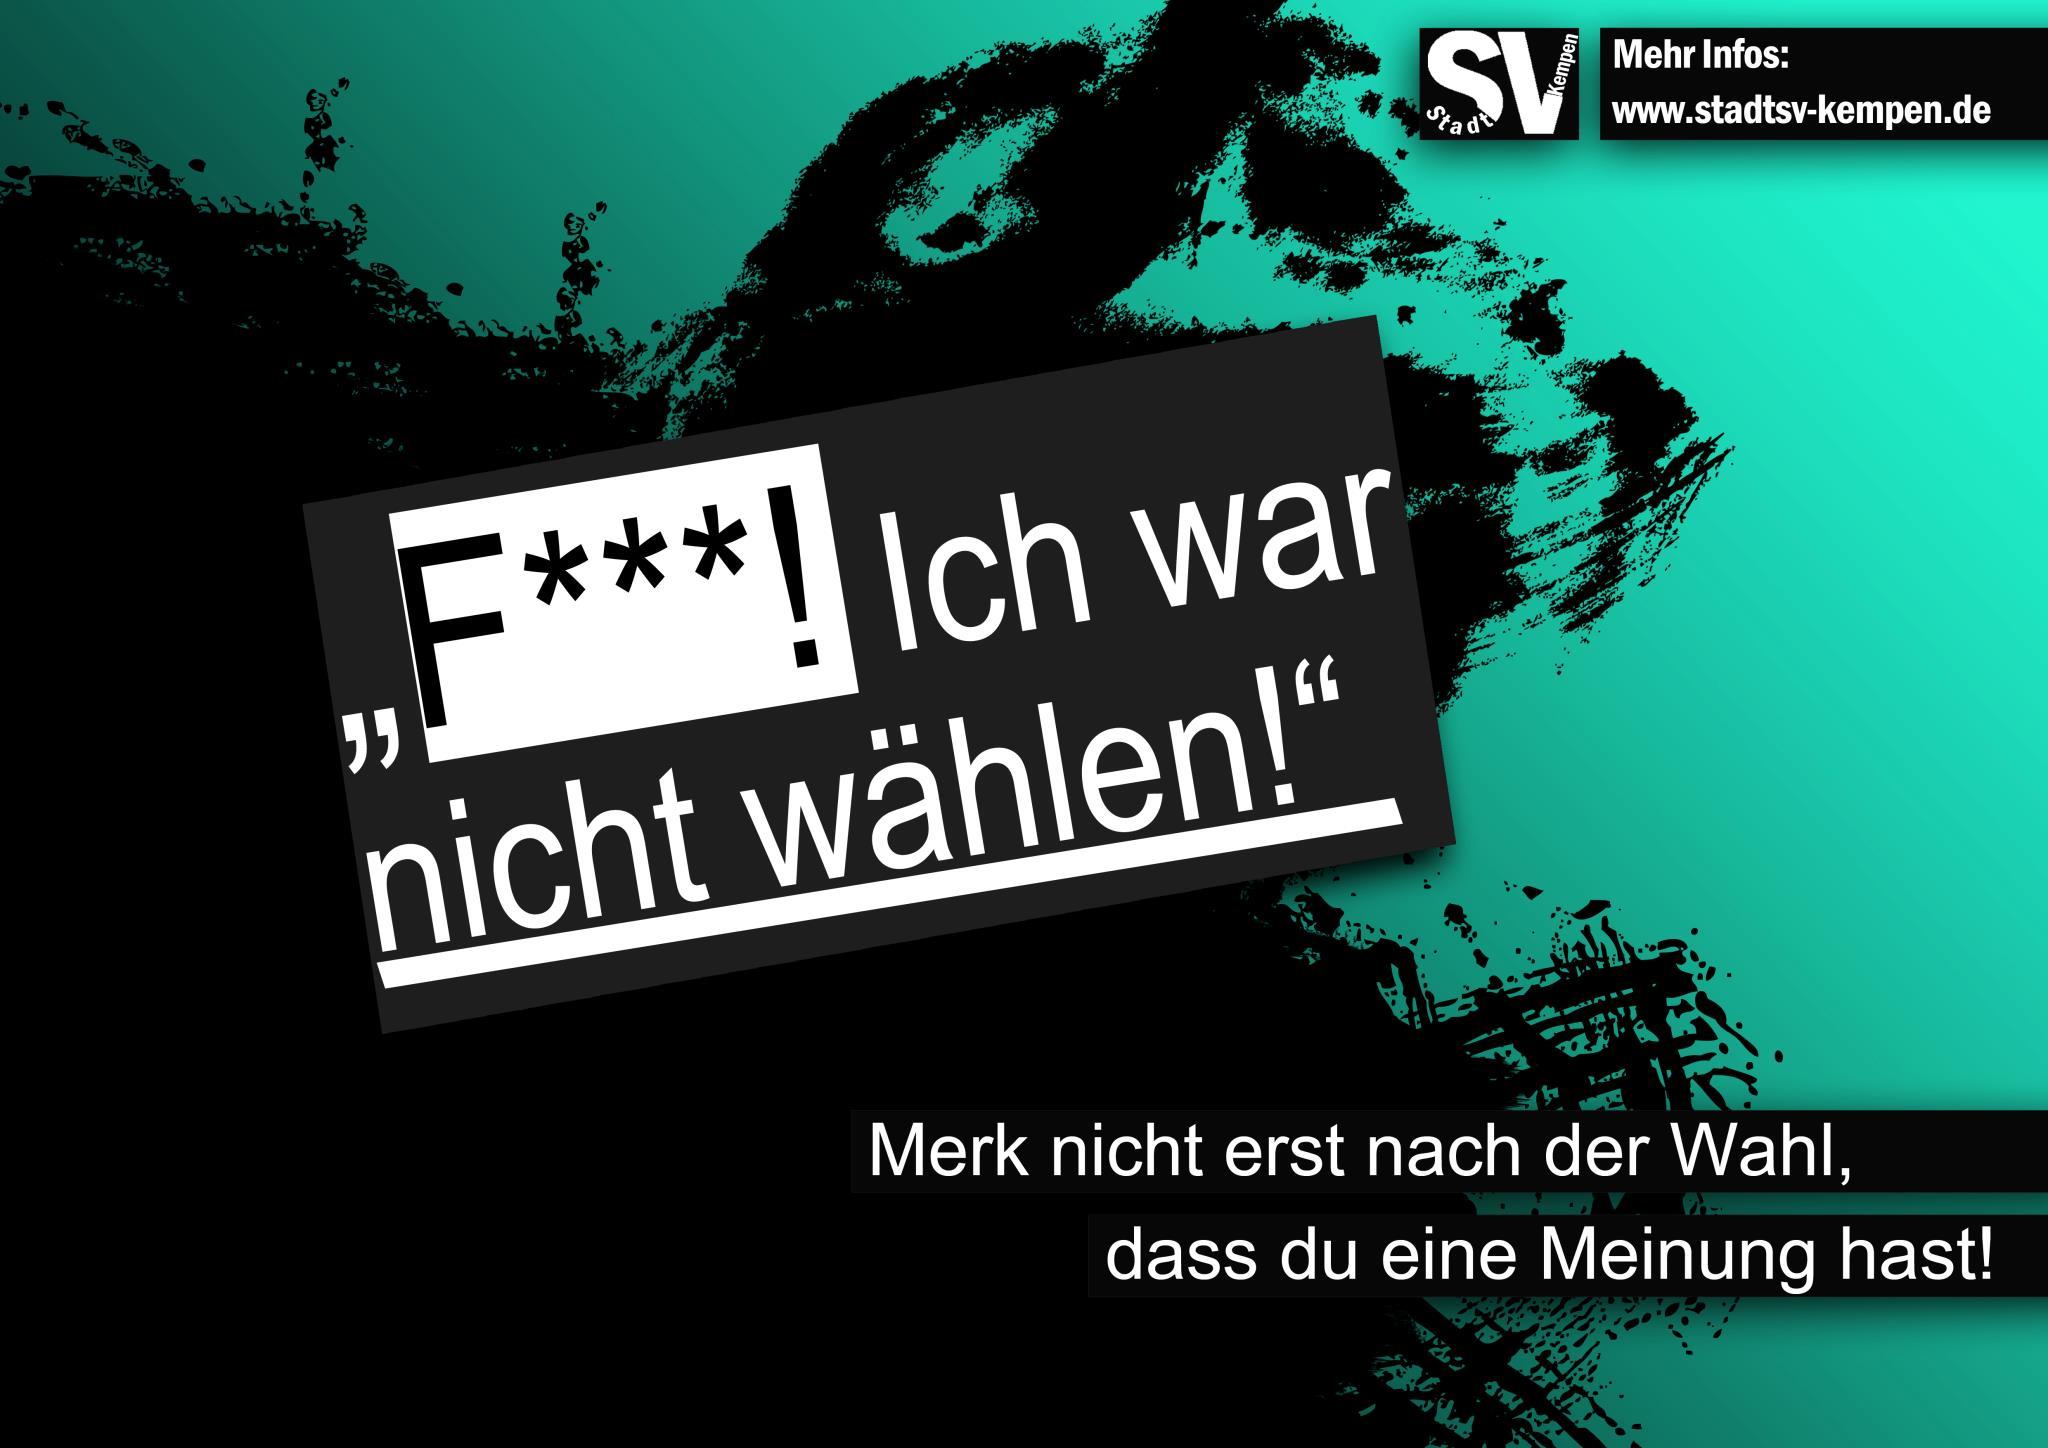 F***! Ich war nicht wählen! - Wahlplakat